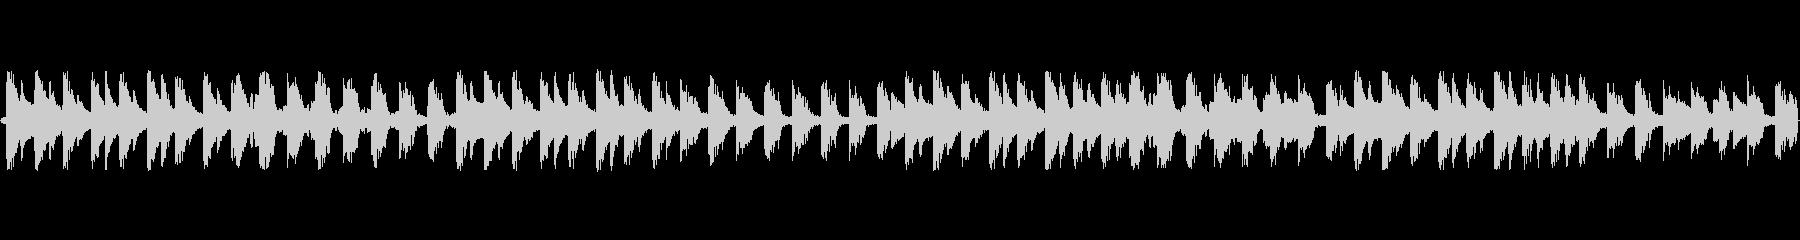 和風テクノループ音源の未再生の波形